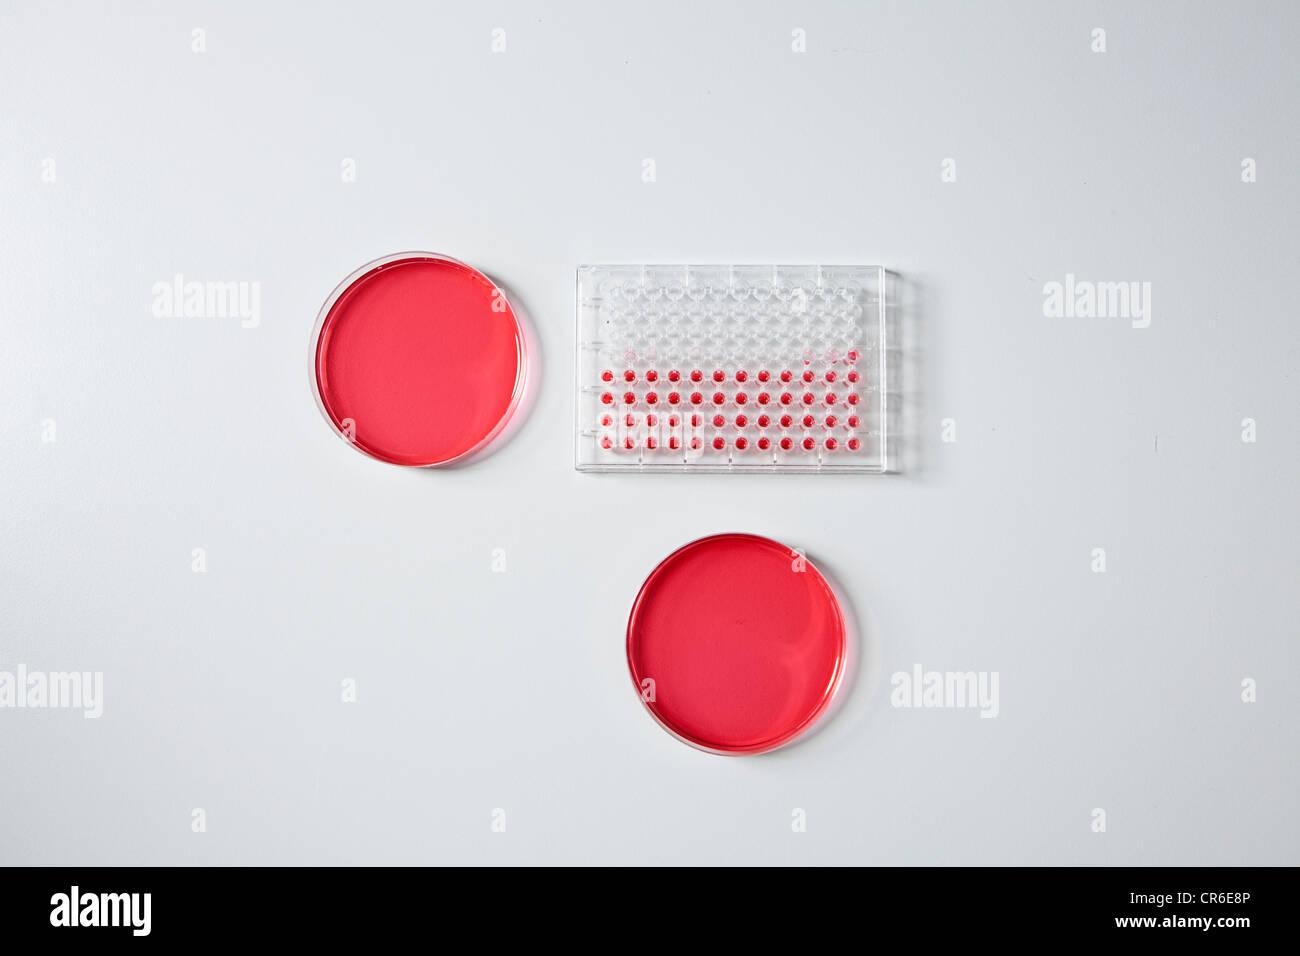 Germany, Bavaria, Munich, bac d'essai et des boîtes de Pétri en laboratoire pour la recherche médicale Photo Stock